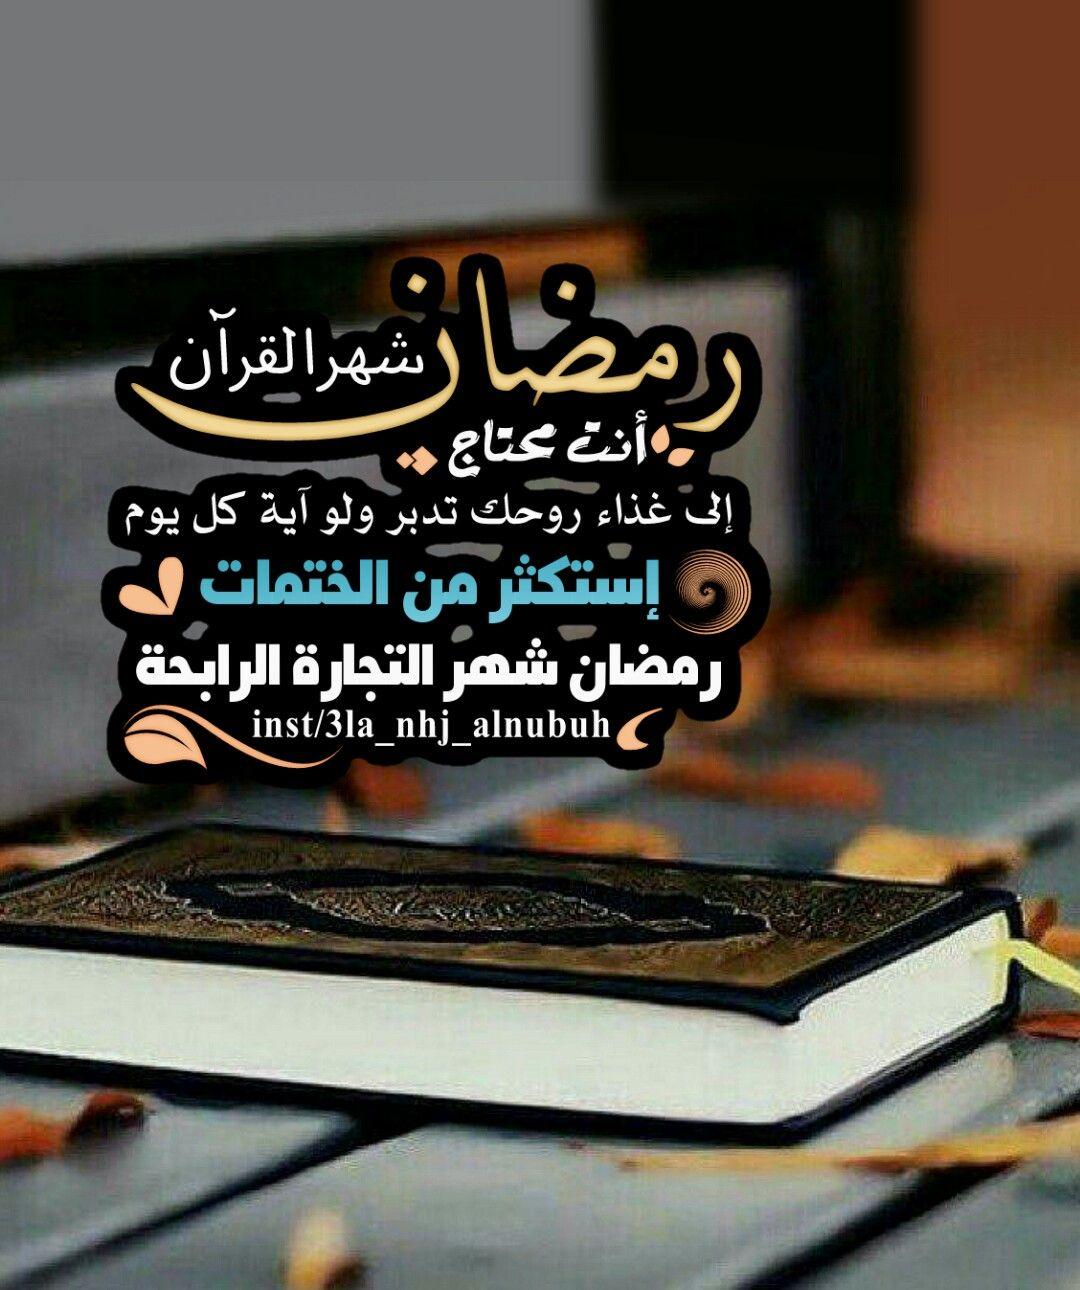 رمضان شهر القرآن أنت محتاج إلى غذاء روحك تدبر ولو آية كل يوم إستكثر من الختمات رمضان شهر التجارة الرابحة